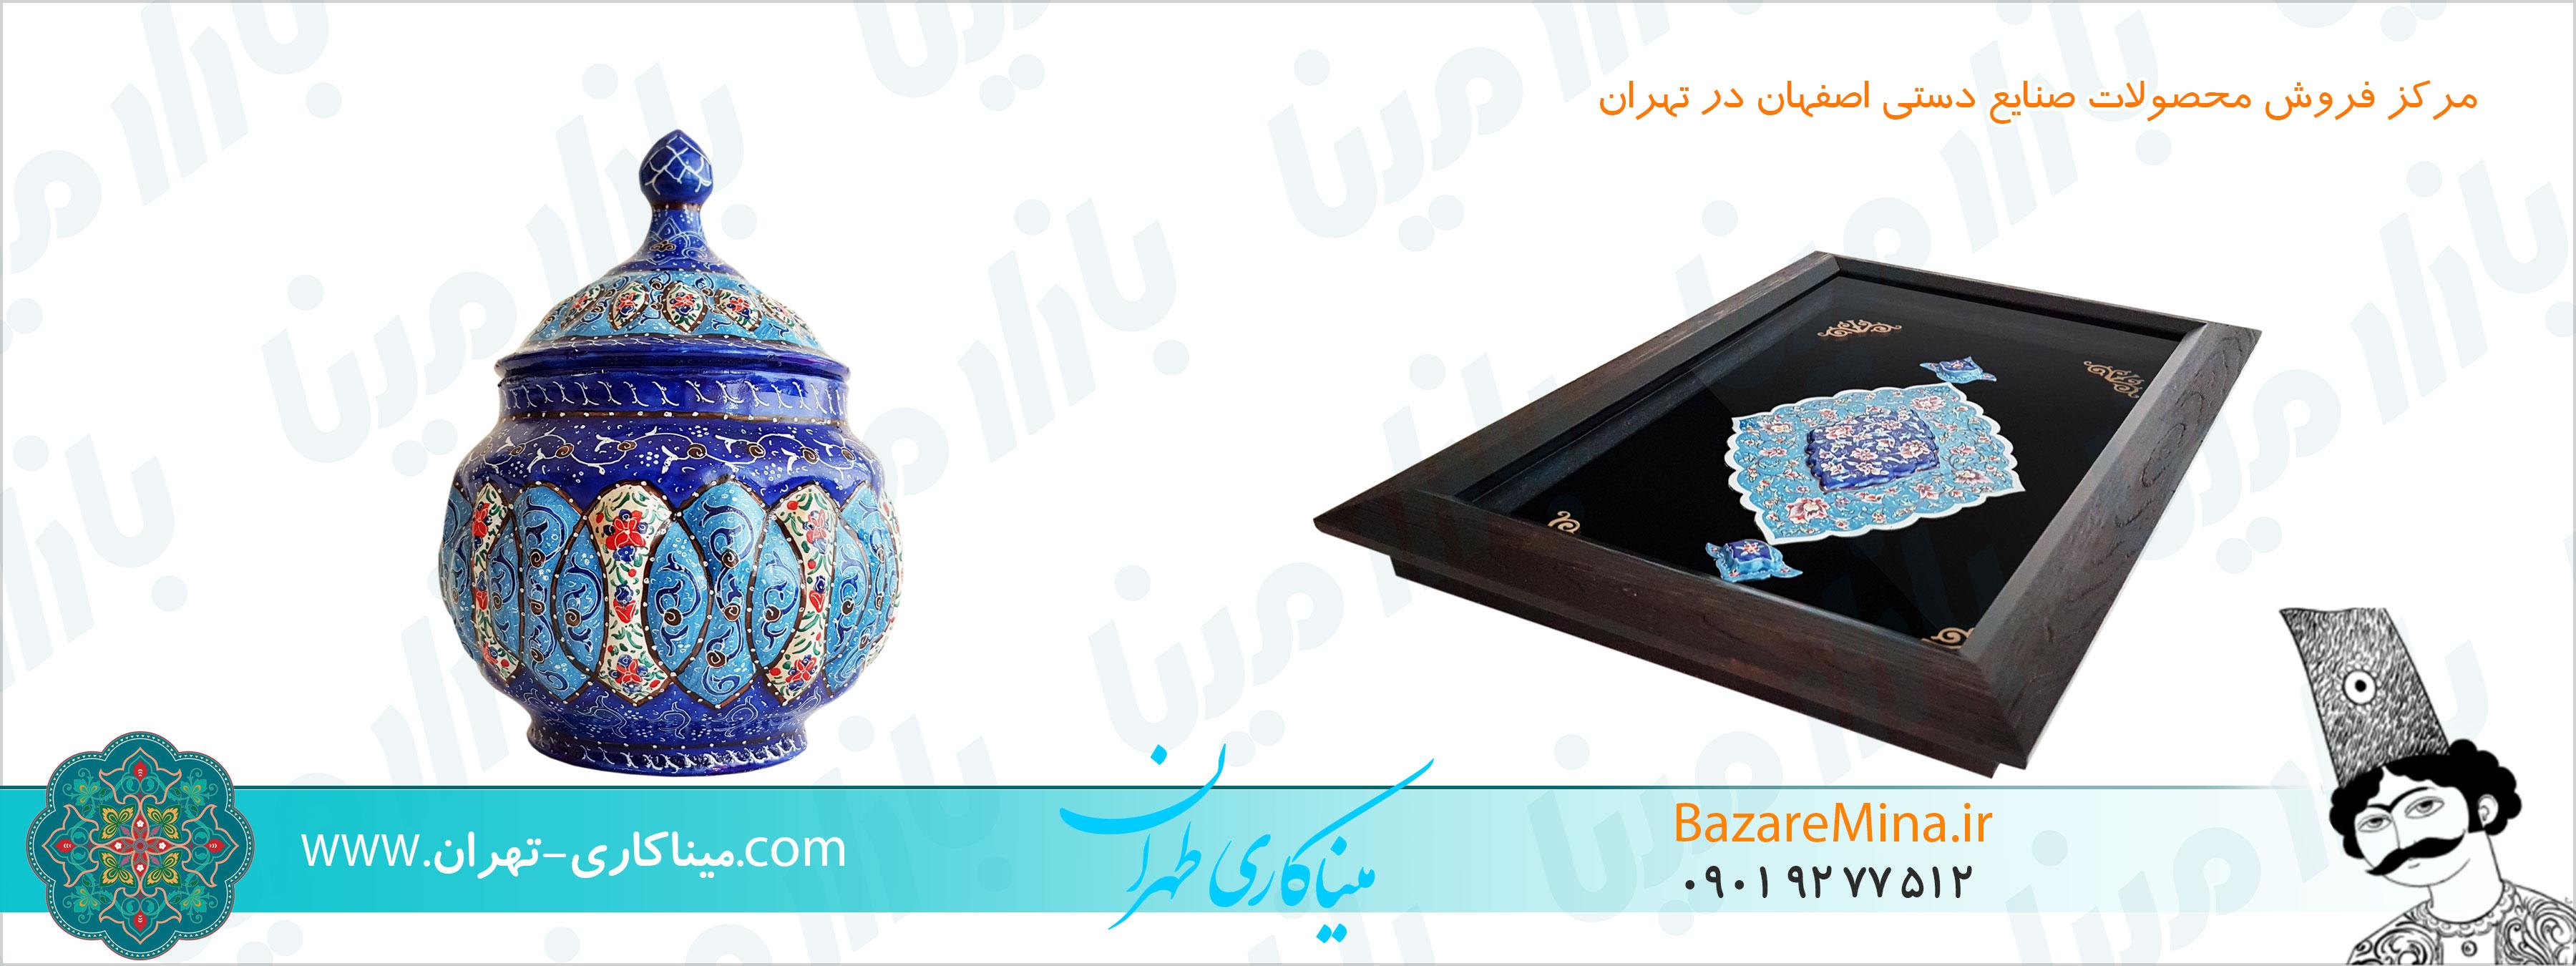 مرکز میناکاری تهران